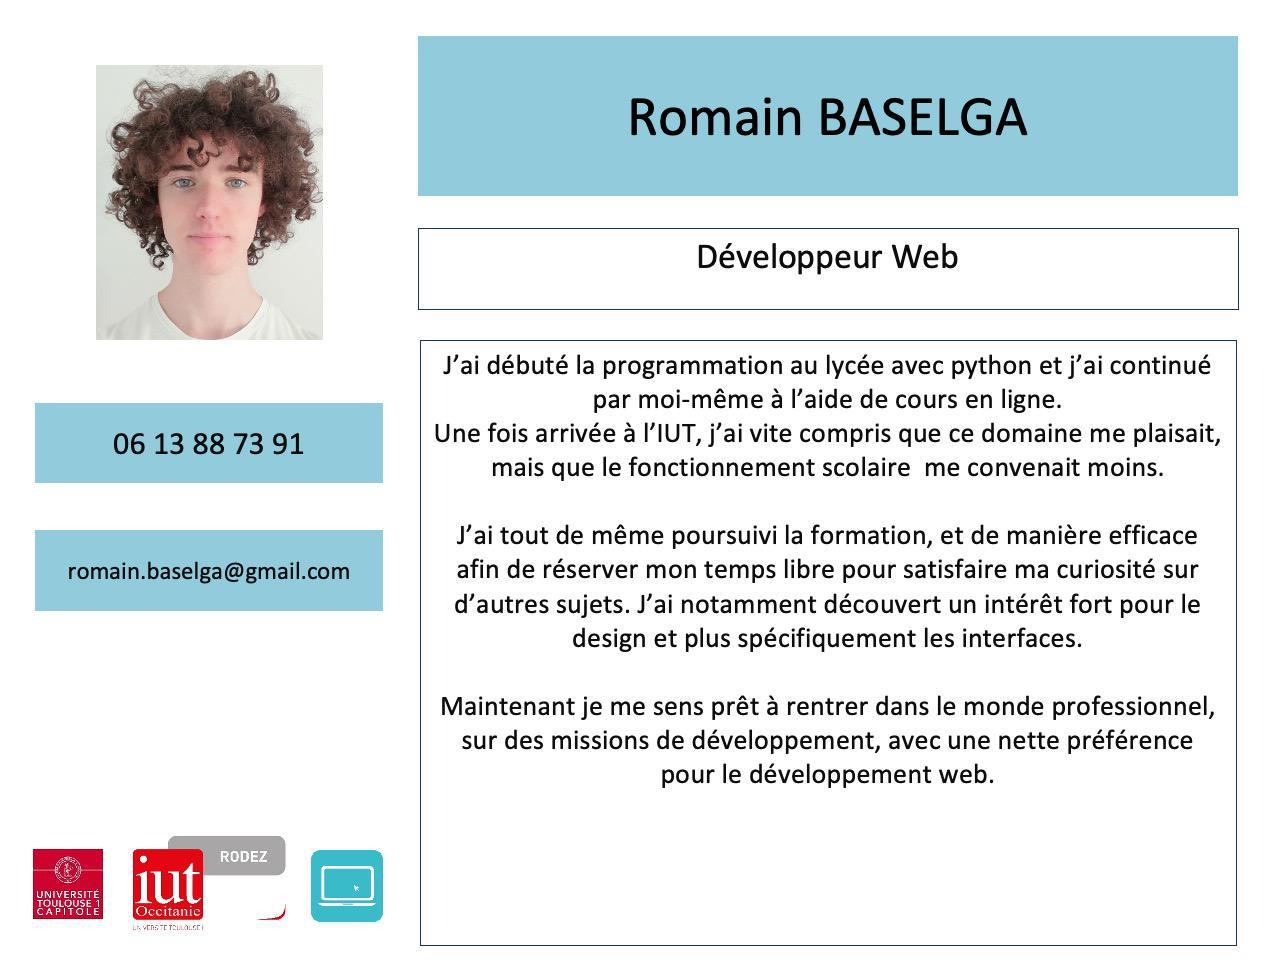 Romain BASELGA